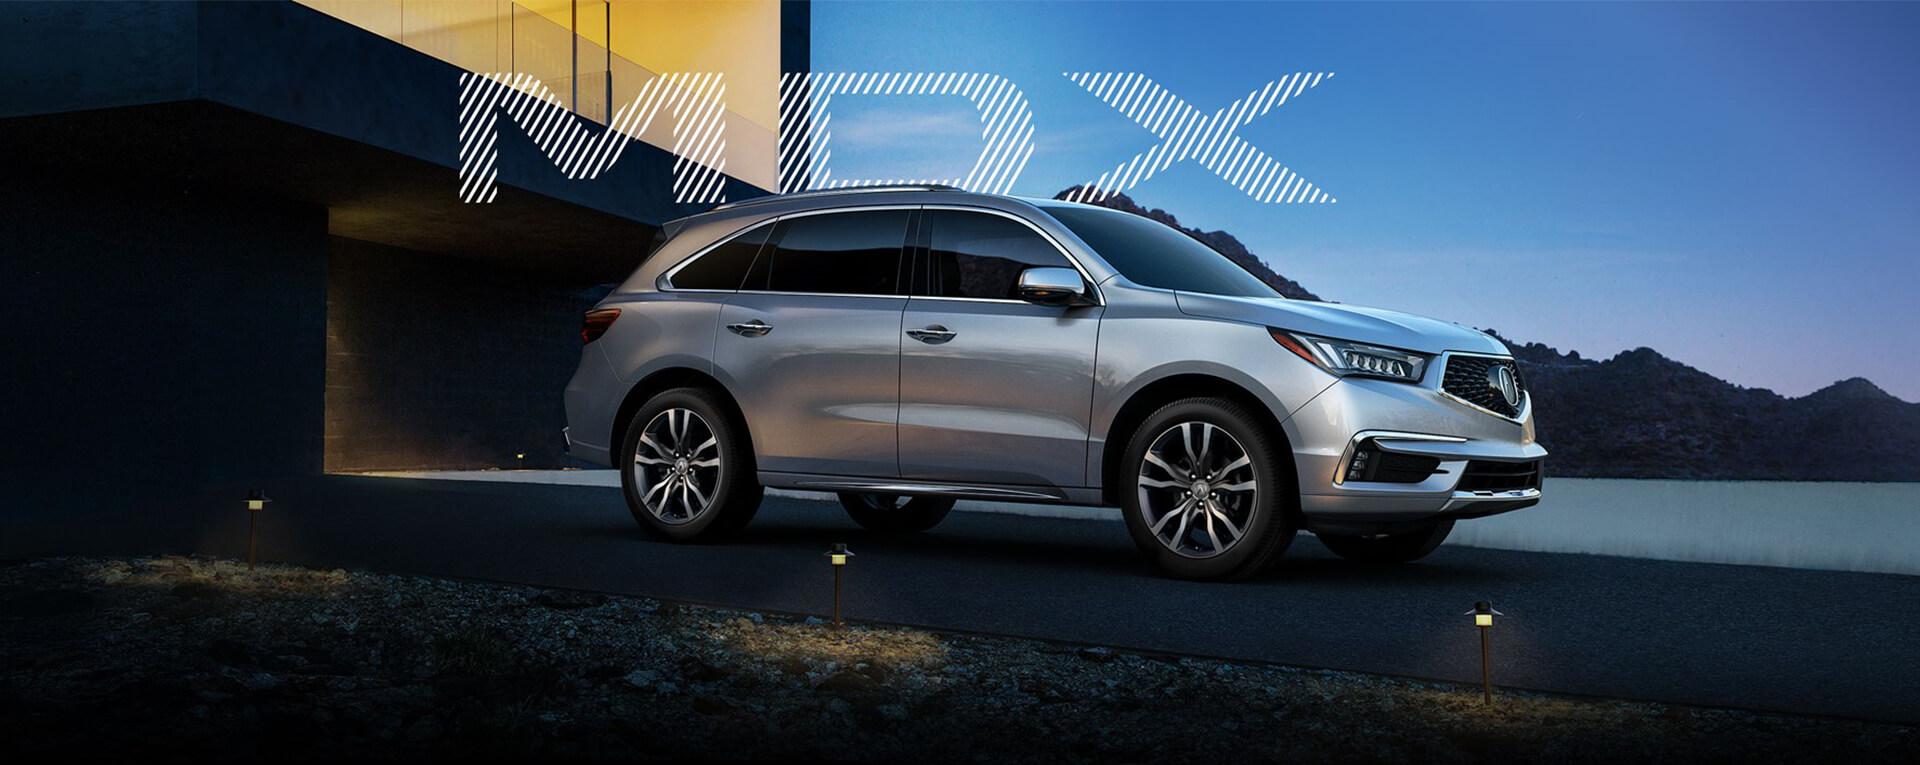 2019 Acura MDX | Dallas Forth Worth Acura Dealers